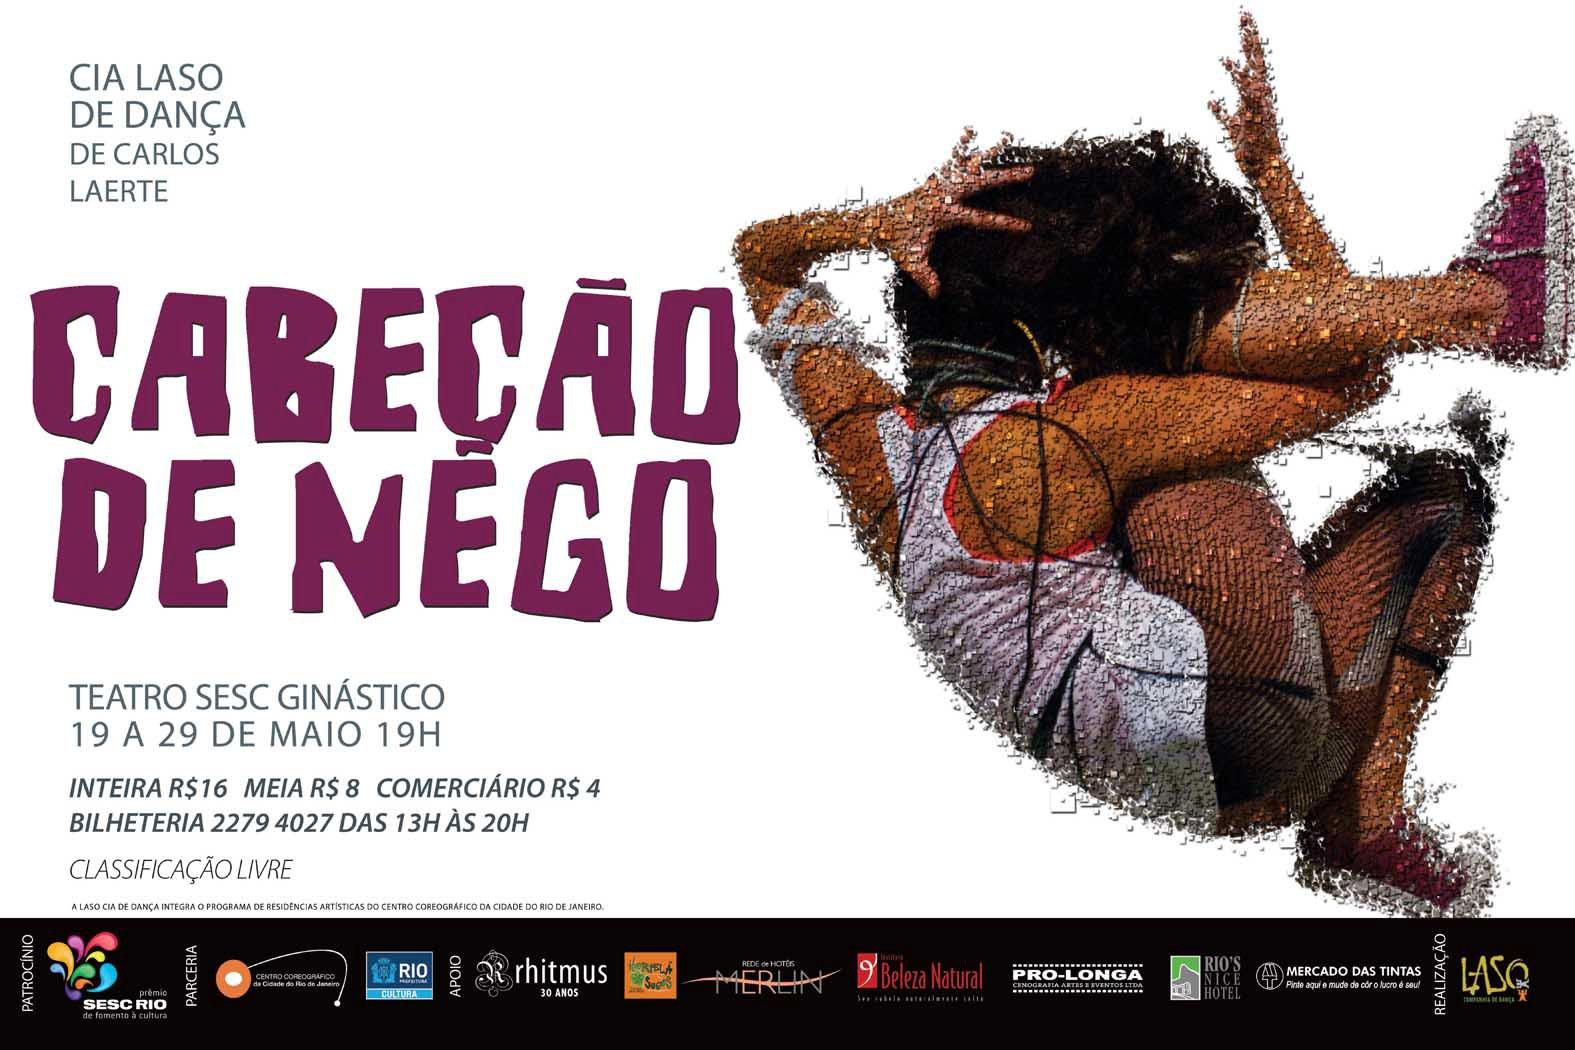 Cabeção de Nego: Dança Contemporânea, Cia Laso